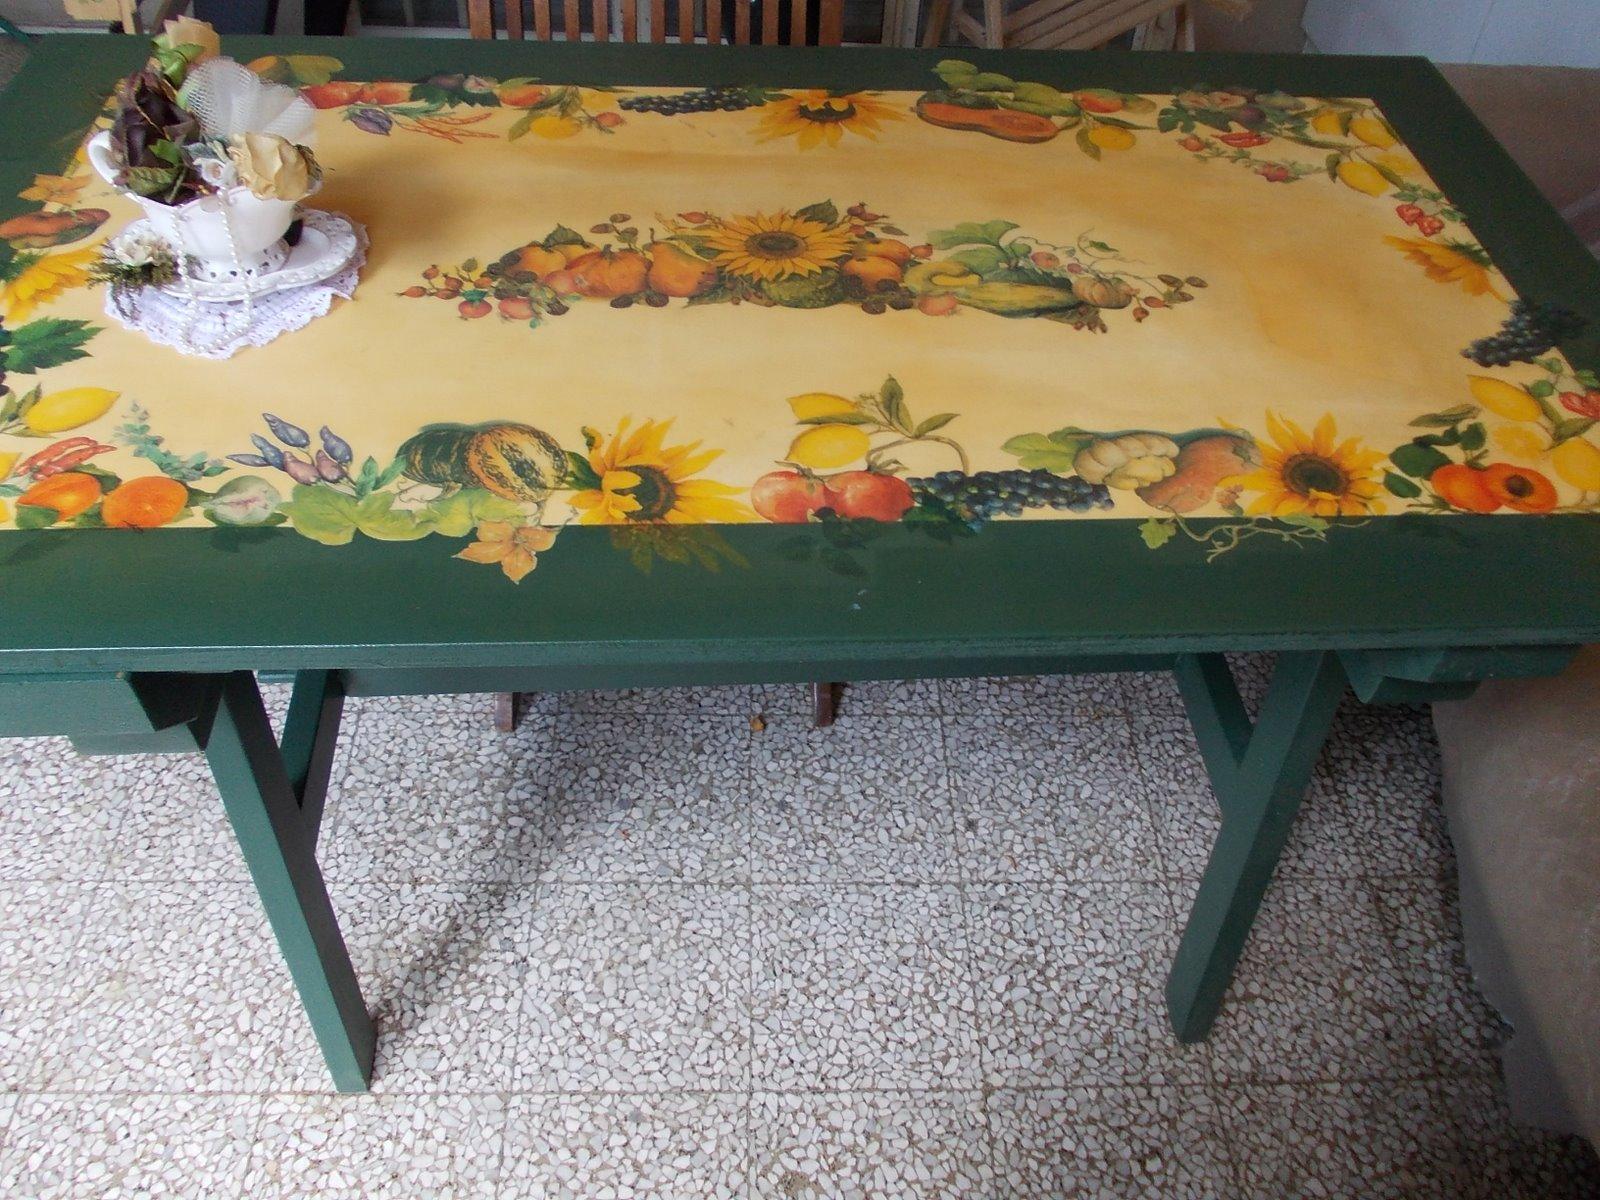 Tavoli Da Giardino Decorati.In Pigiama Un Tavolo Da Giardino A Decoupage A Garden Table With